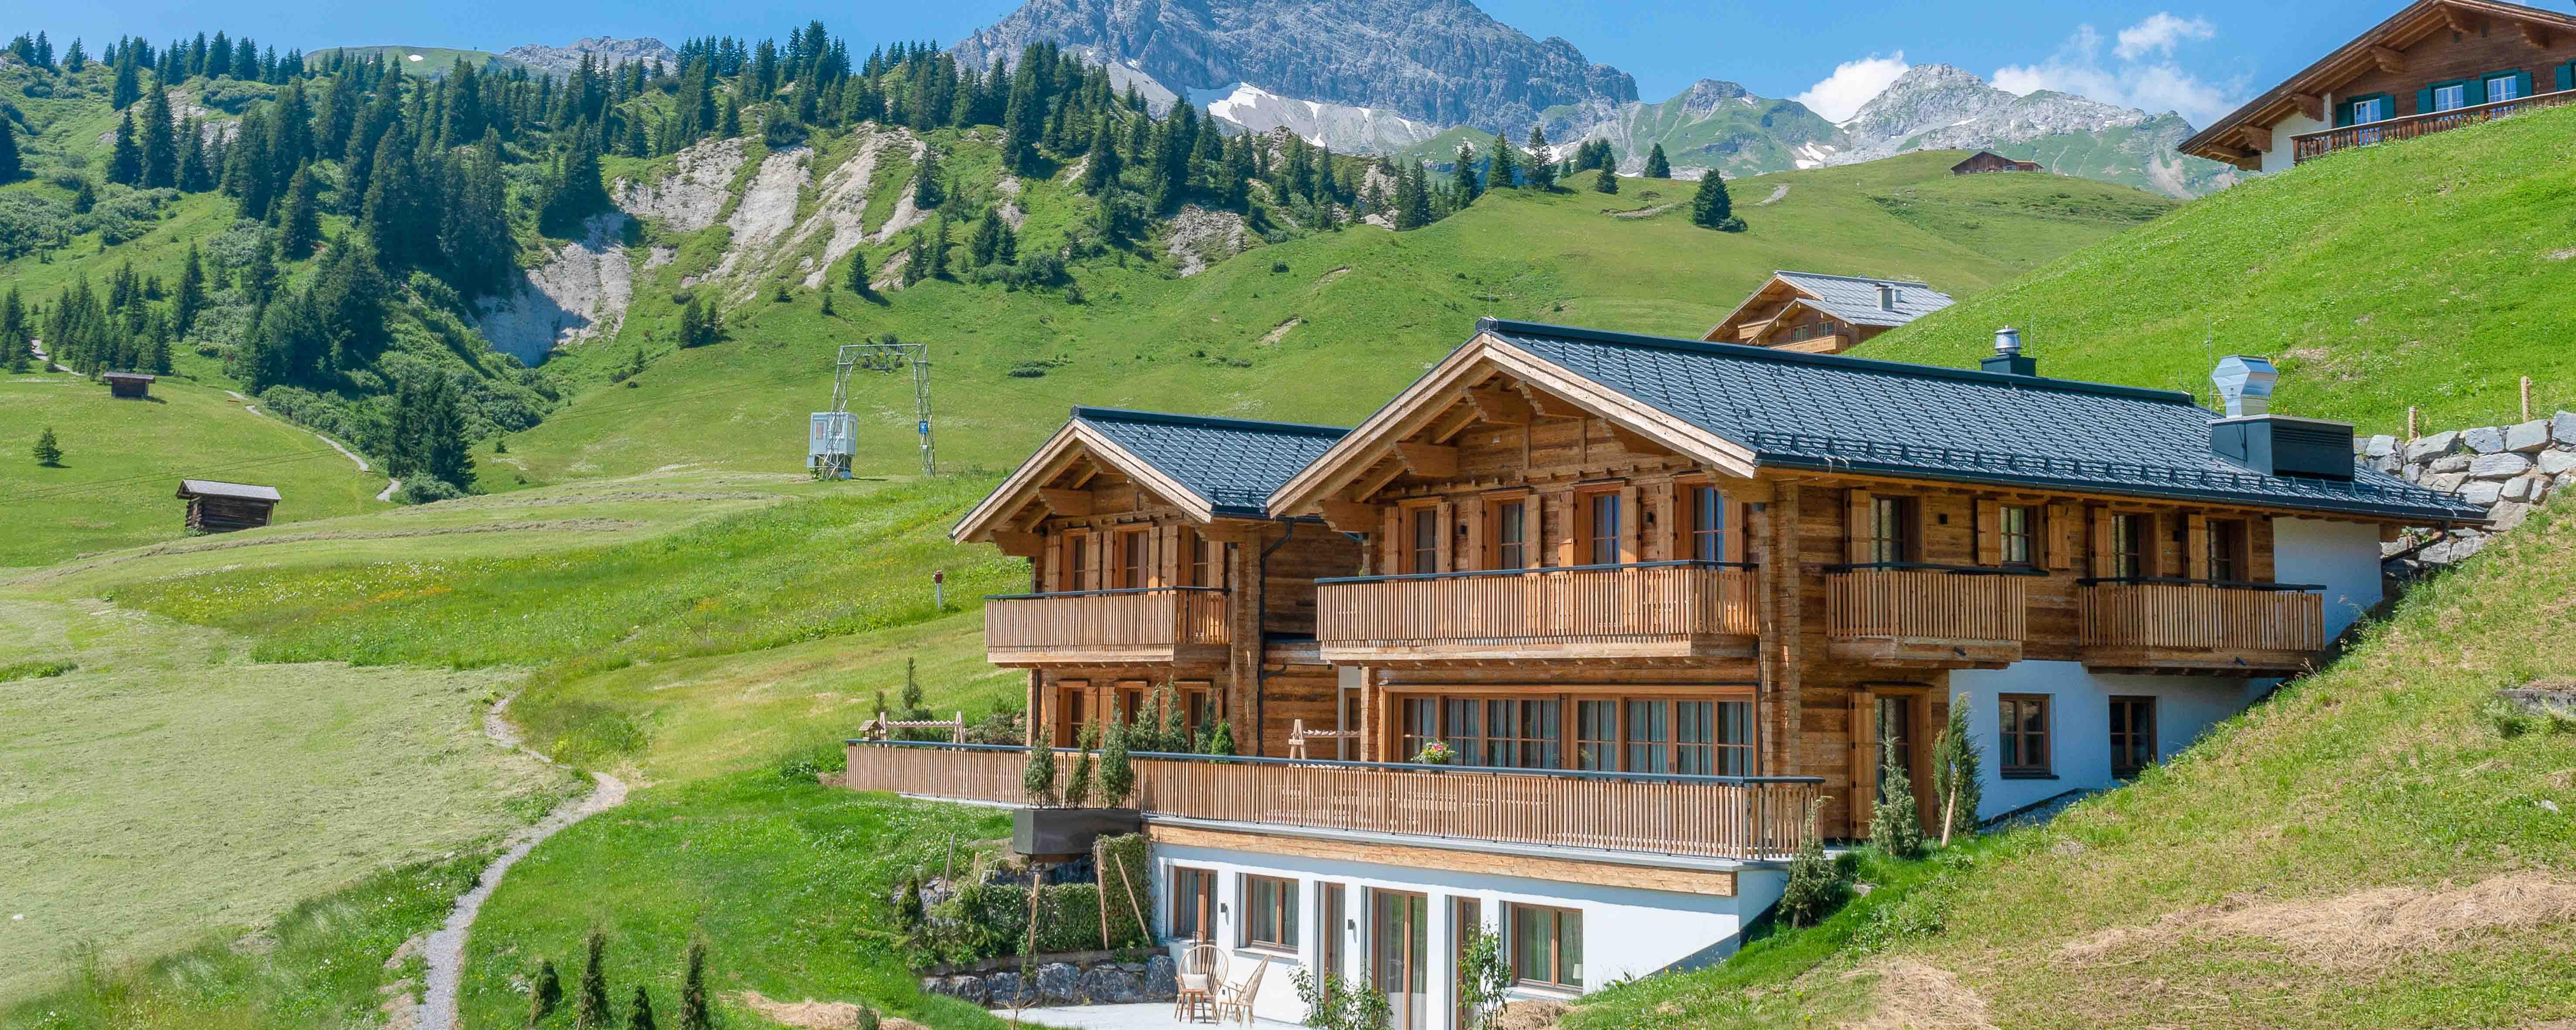 Luxus Ski Chalet Oesterreich Mieten 2